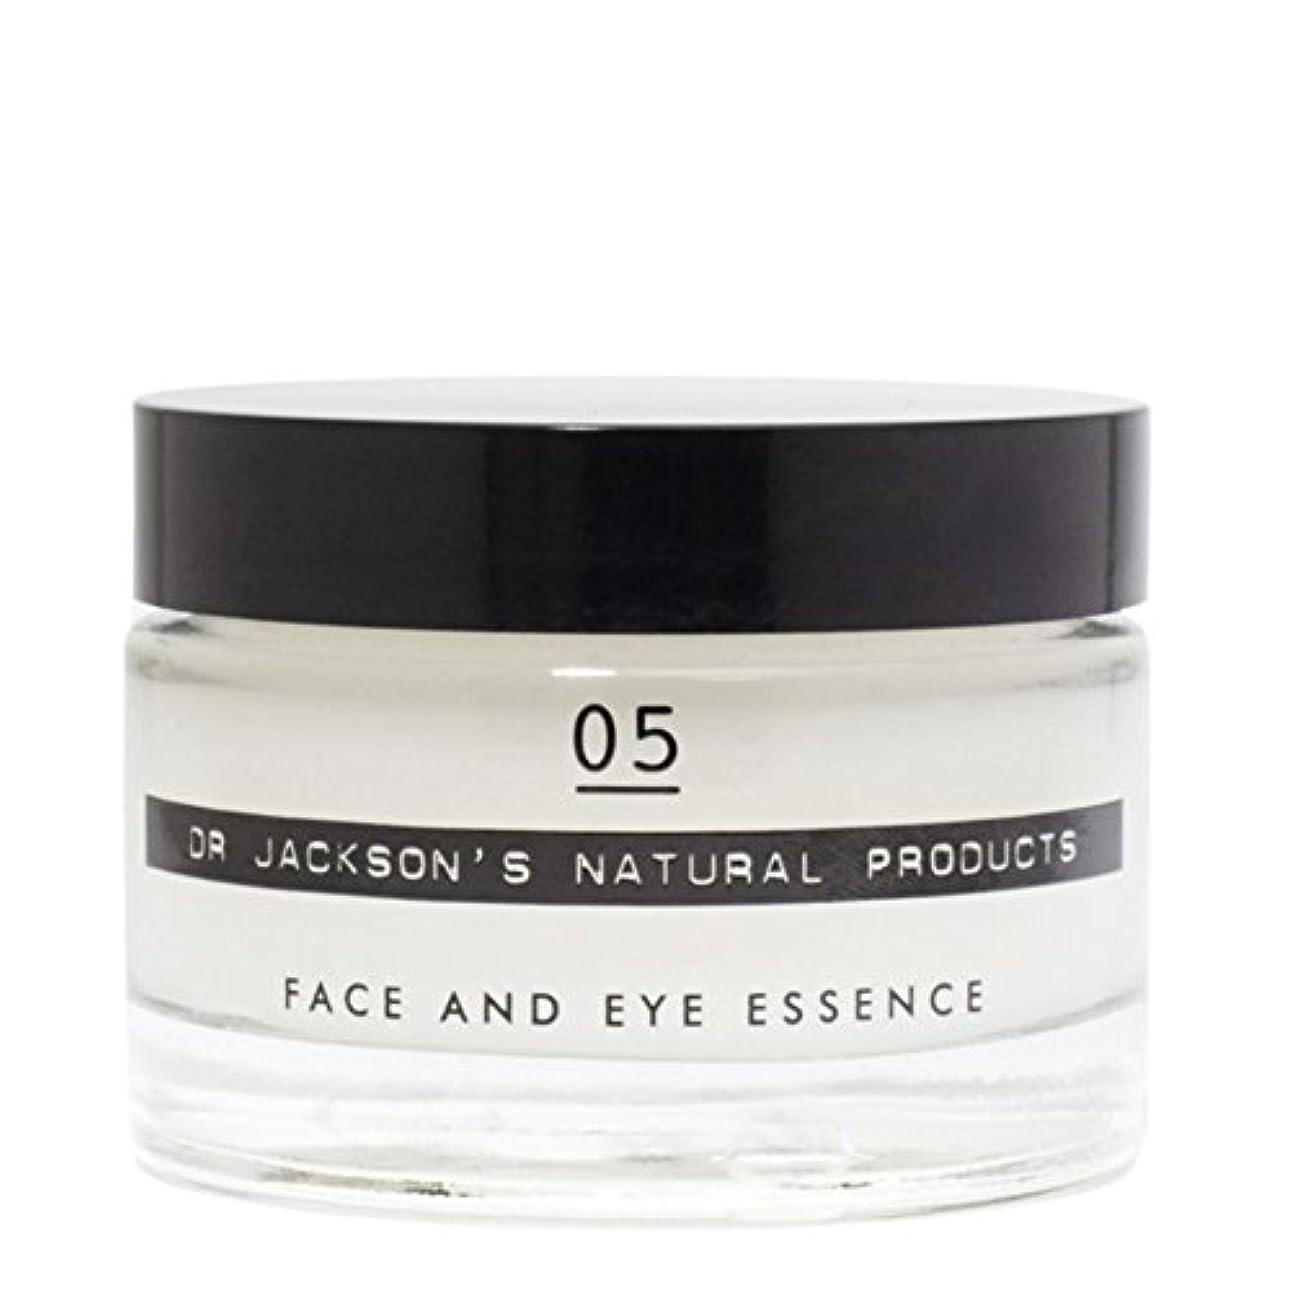 不利スポーツマンセラフジャクソンの05顔や目の本質50ミリリットル x2 - Dr Jackson's 05 Face and Eye Essence 50ml (Pack of 2) [並行輸入品]